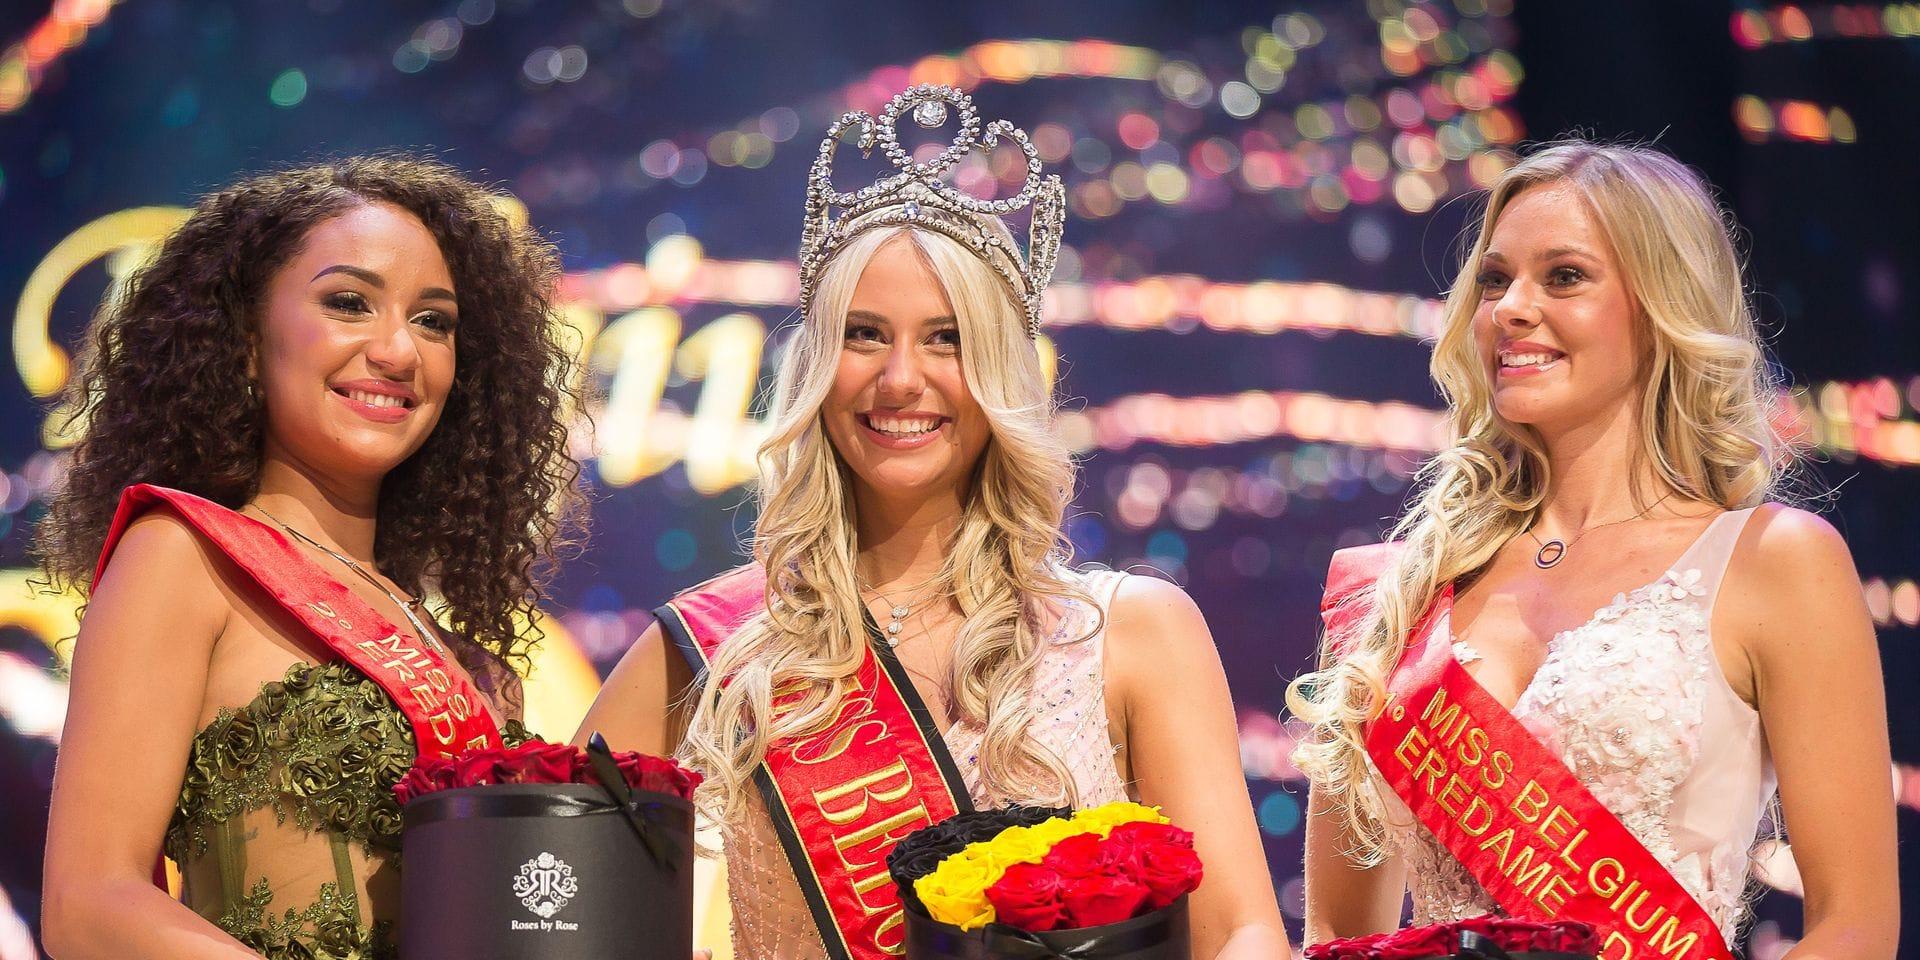 """Un participant au show dézingue le Comité Miss Belgique: """"100 euros pour assister à une foire à la saucisse!"""""""